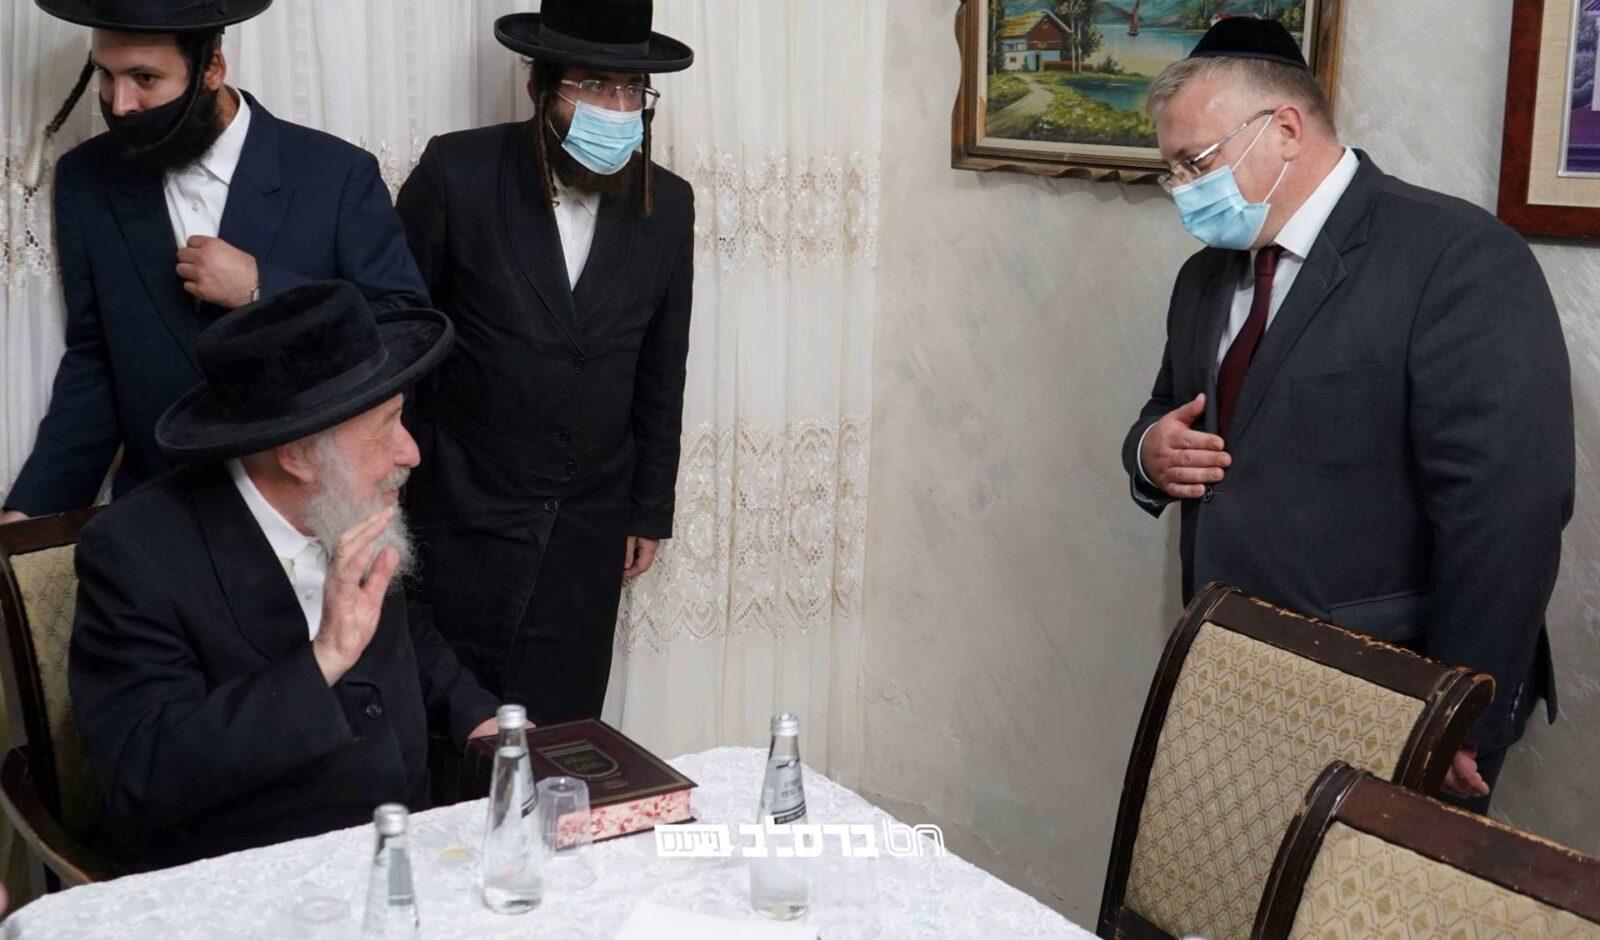 """שגריר בלארוס מר איבגני וורוביוב בביקור במעונו של הגה""""צ רבי משה קרמר מגדולי זקני ברסלב • צפו"""